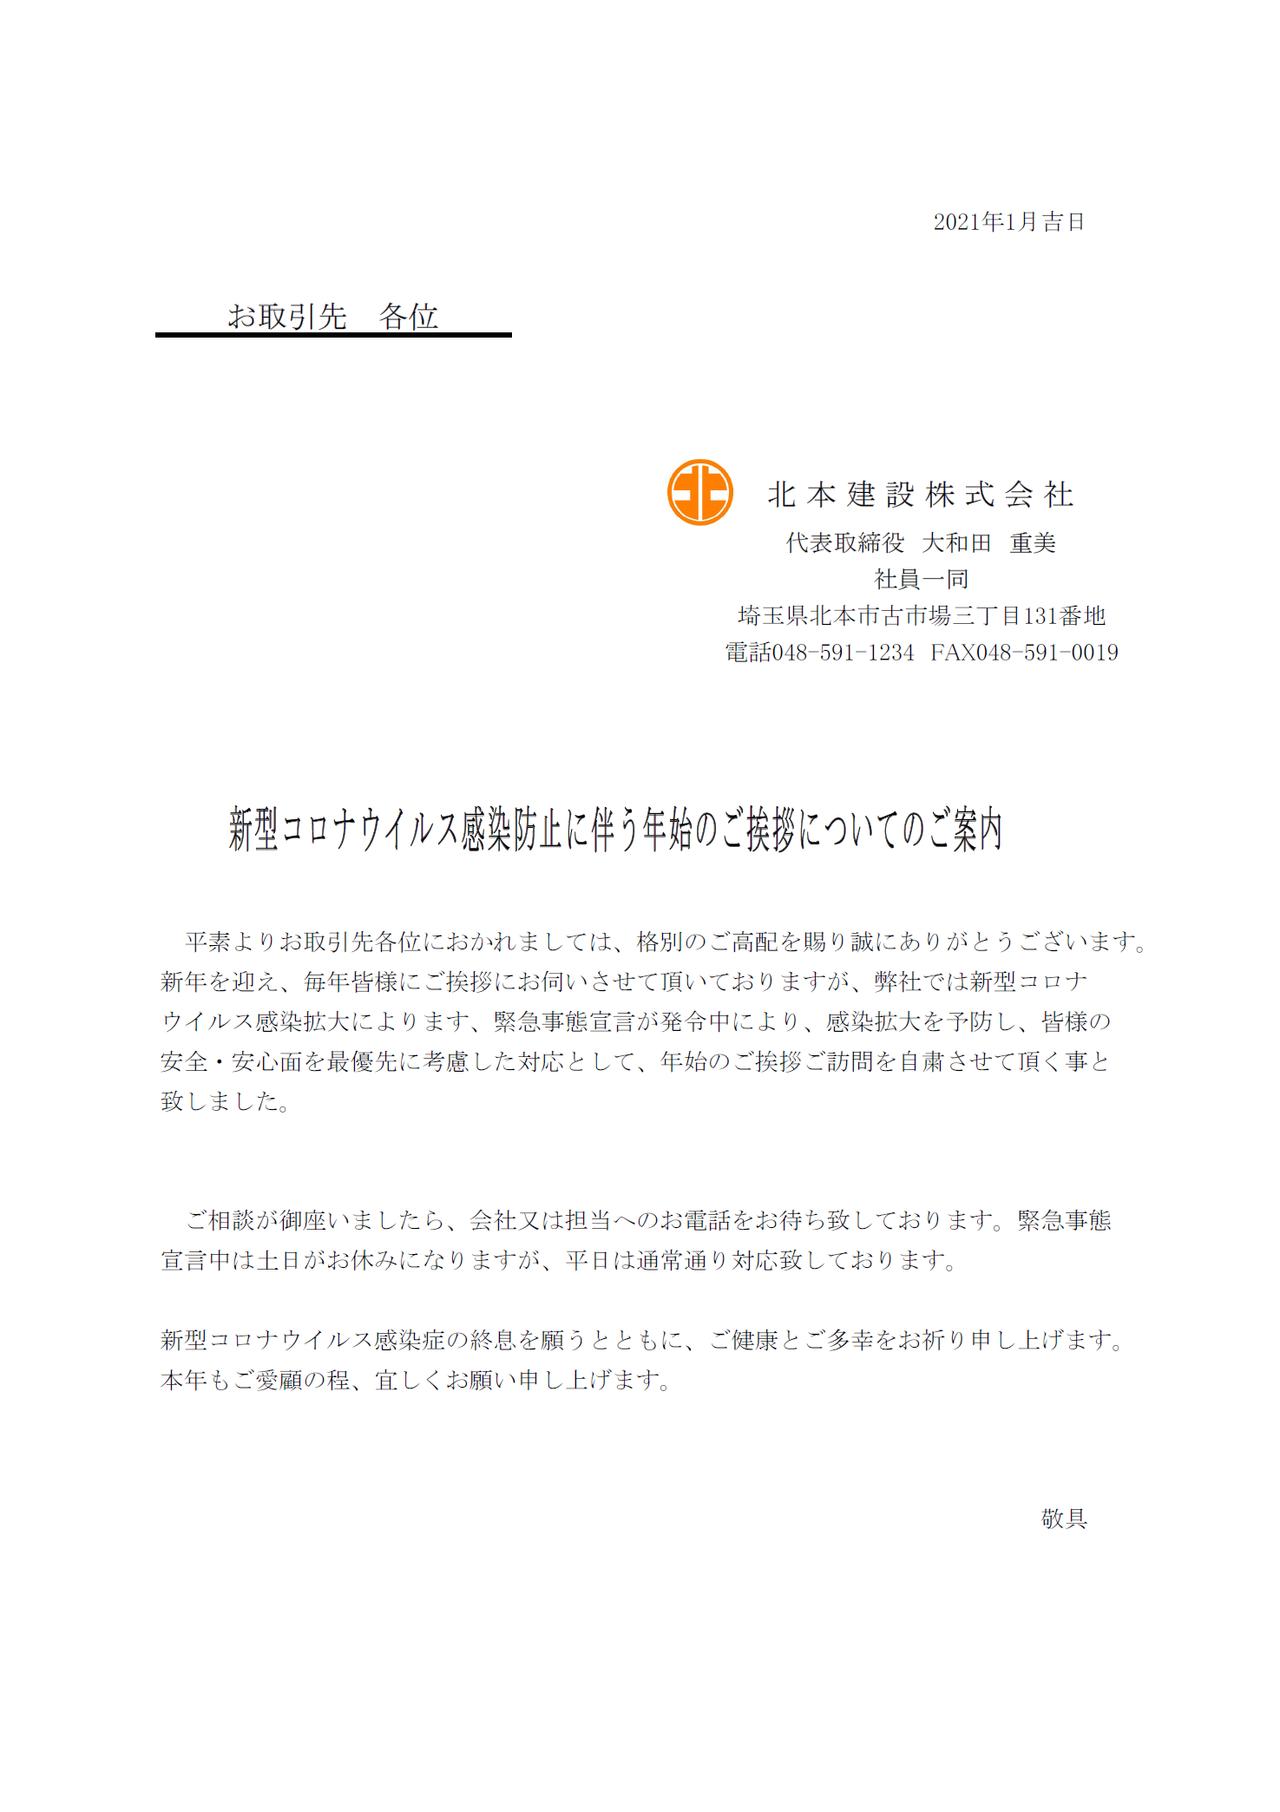 https://kitaken1970.com/files/content_type/type005/93/202101141629108845.png